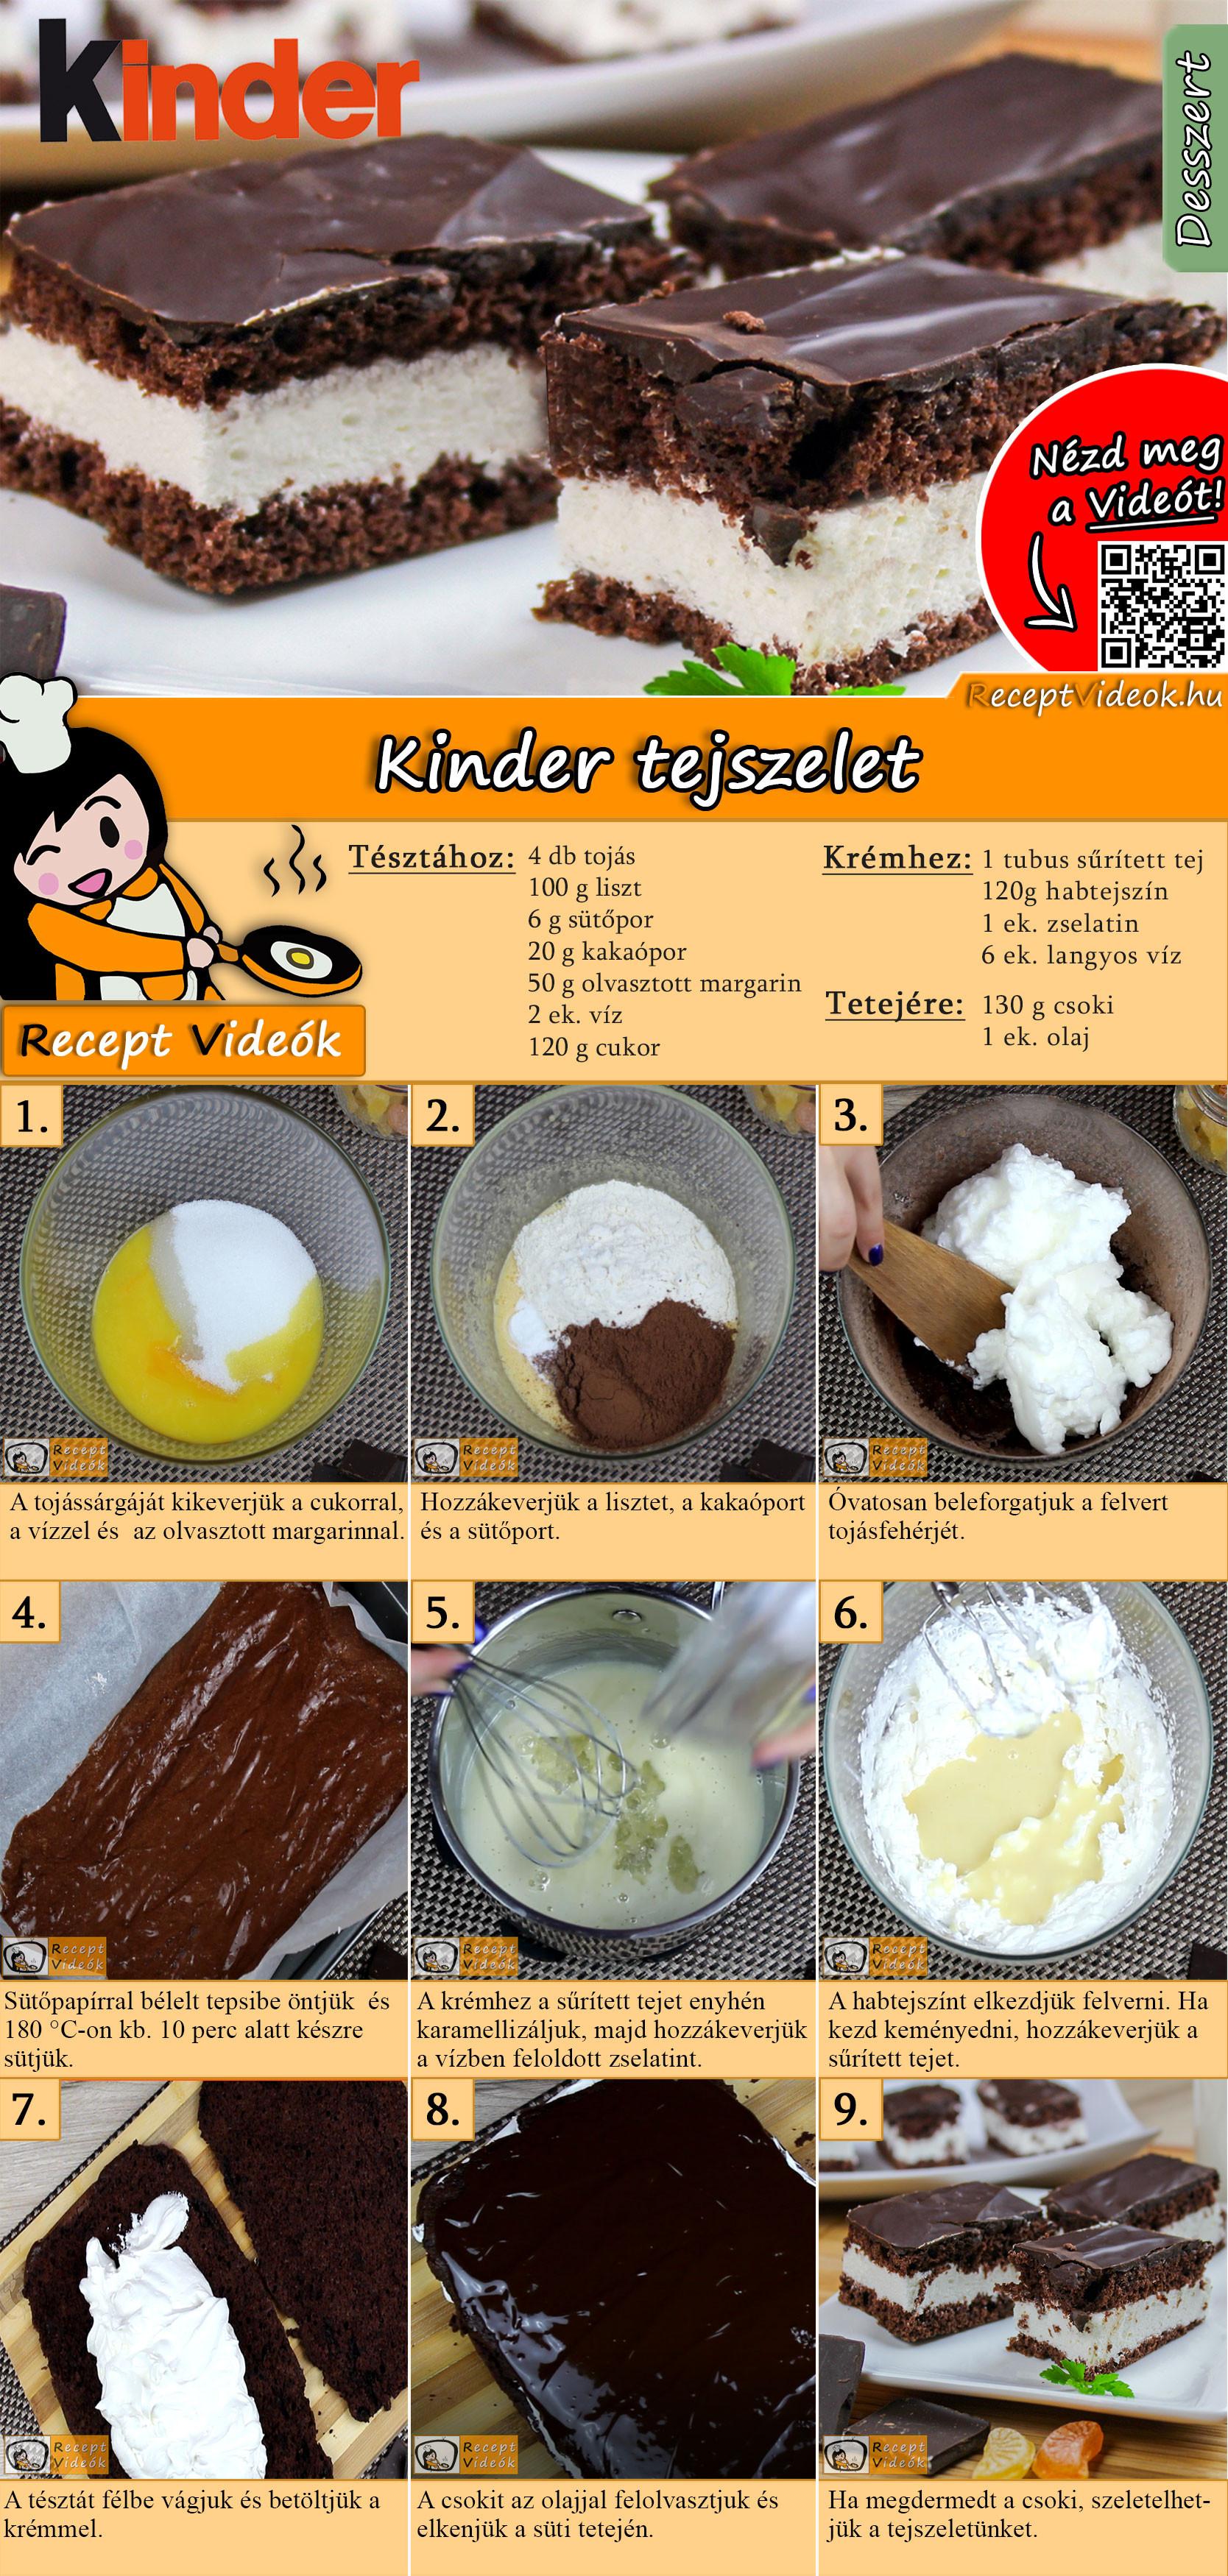 Kinder tejszelet recept elkészítése videóval